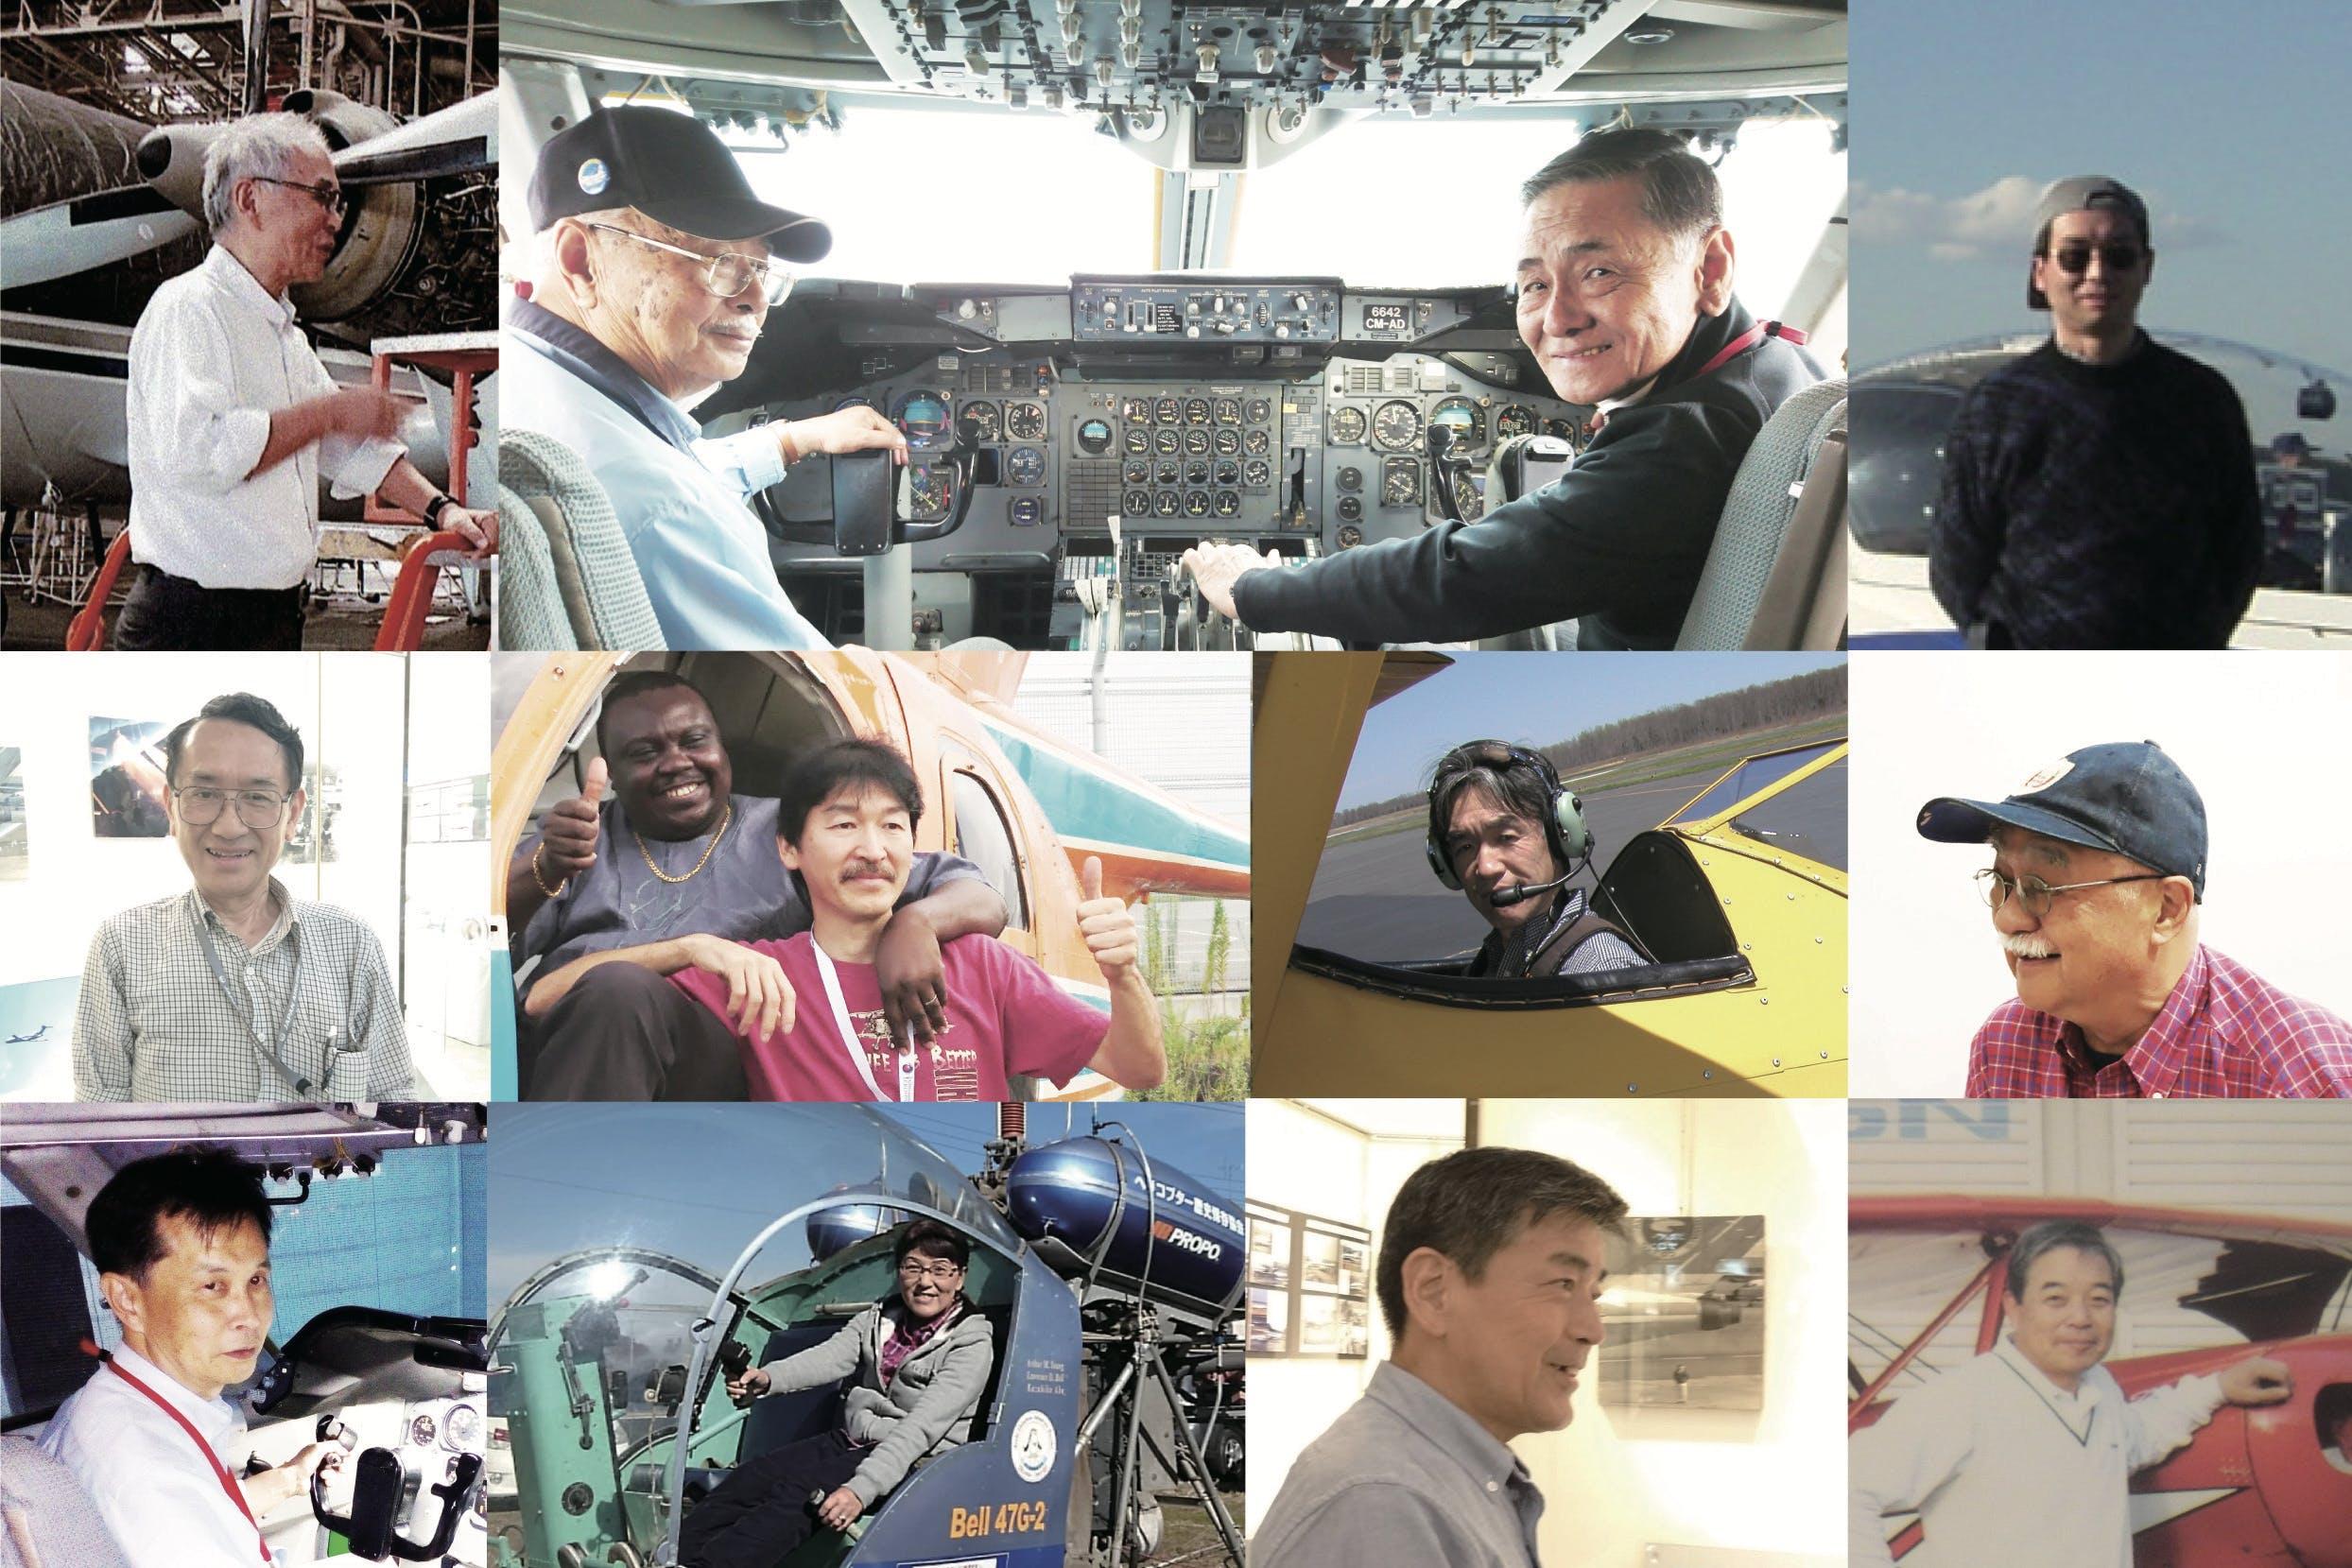 【9/29 空の日】羽田空港で子供たちにヘリコプターのコクピットを体験させたい!